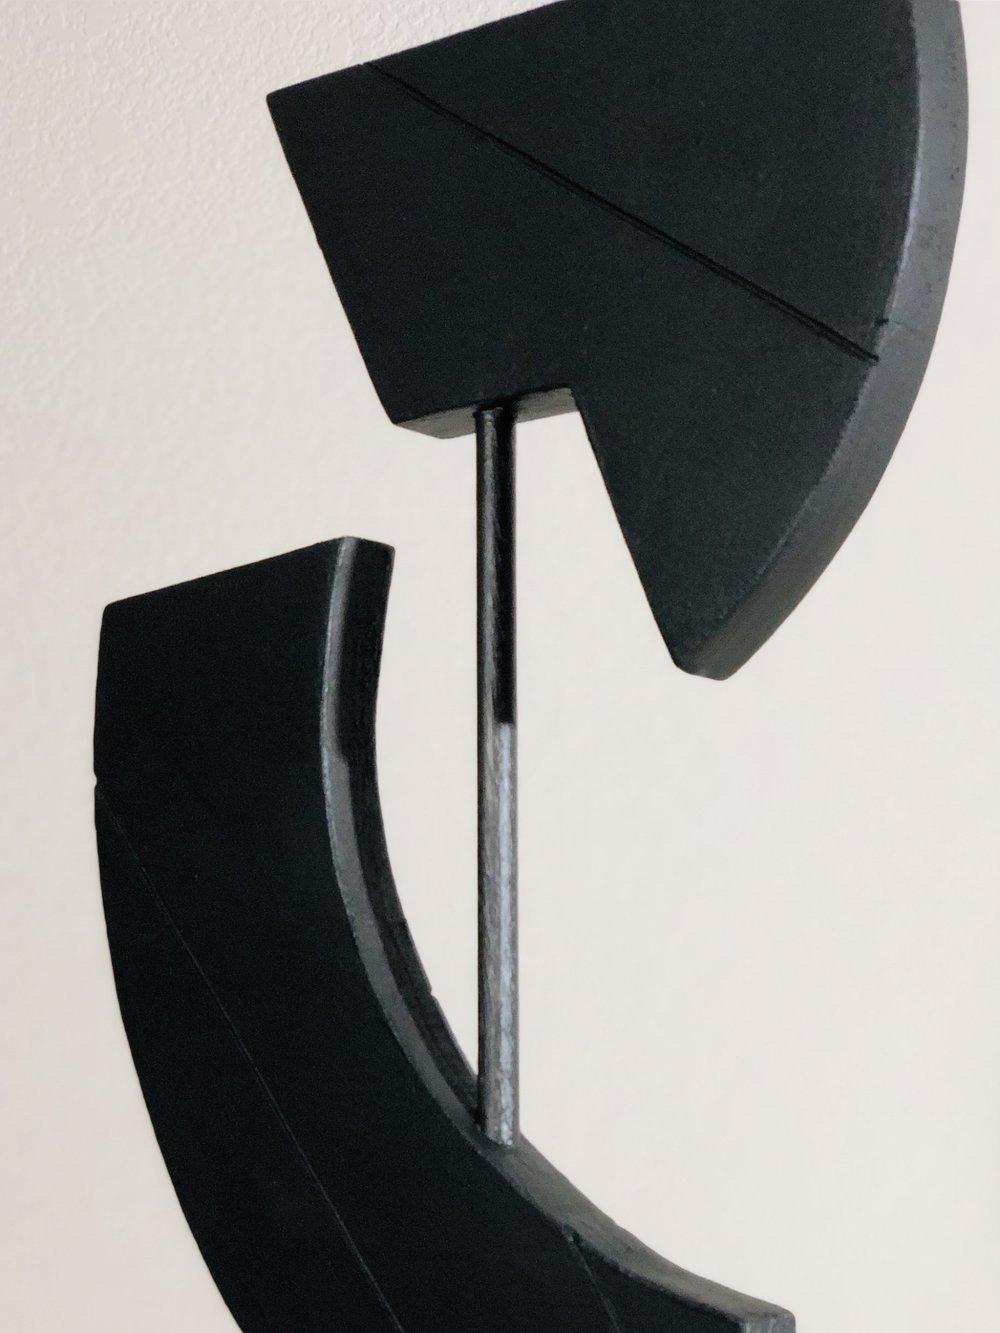 Sculpture003-Detail.jpg